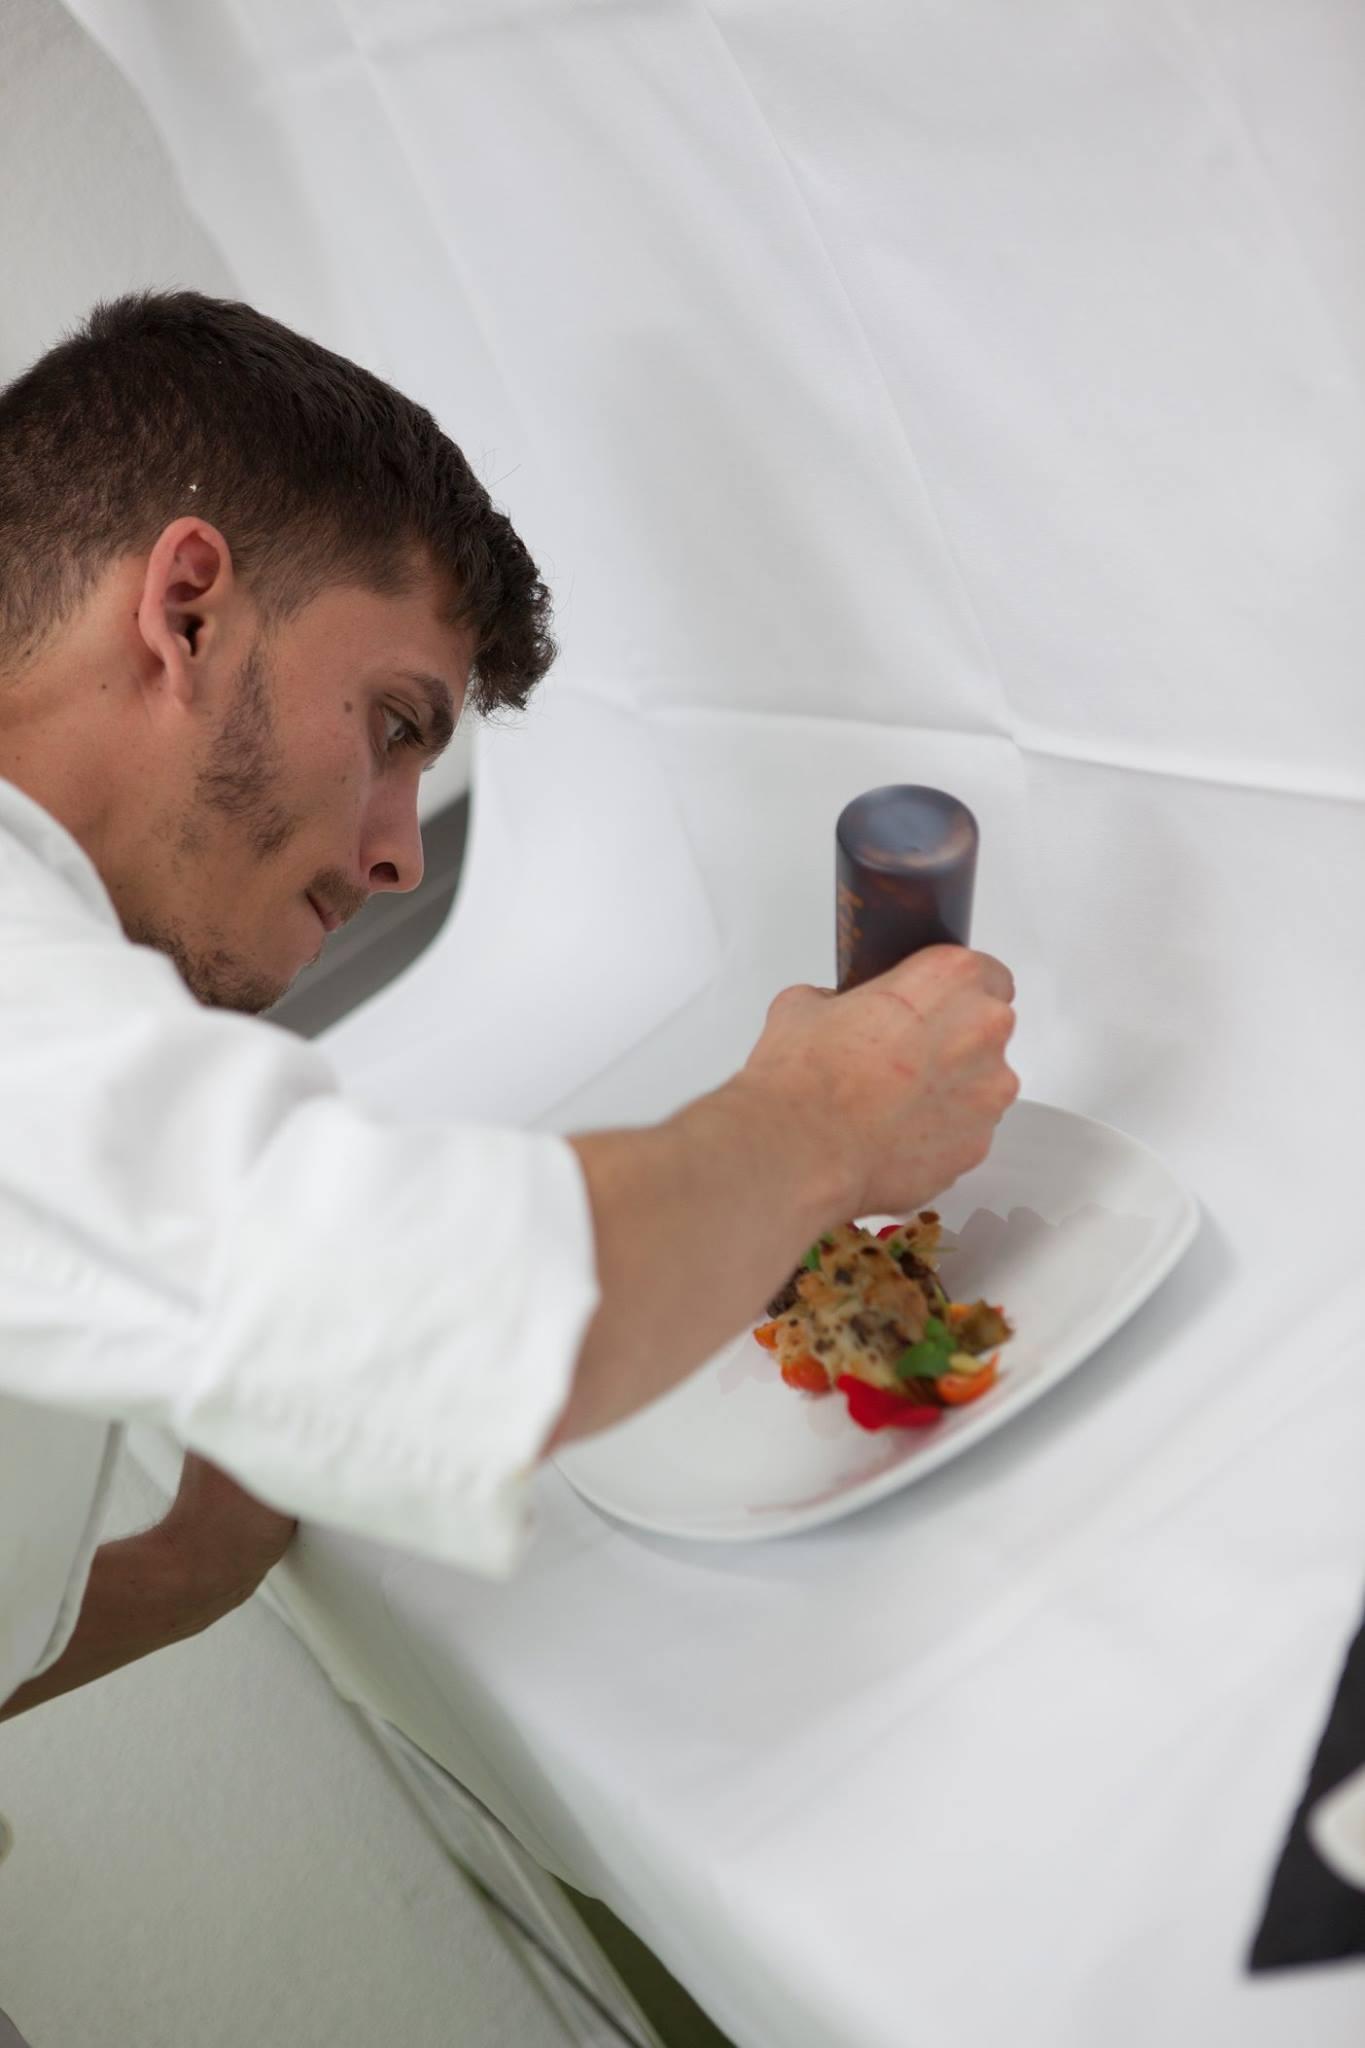 - Bio-Restaurant, fair und regional.Das Bio-Restaurant Landhof ist ein Betrieb von sinnenvoll. Sinnenvoll hilft Menschen, die es schwer haben, auf dem freien Arbeitsmarkt einen Ausbildungsplatz zu finden.Täglich werden frische Menüs mit regionalem Bio-Milch, -Gemüse, -Früchte, -Fische und -Fleisch zubereitet. Die Weine sind ausschliesslich in Bioqualität, das Bio-Bier von «Unser Bier» und der Eistee hausgemacht.Ihr Motto: «Es liegt uns fern ein steifes Gourmet-Restaurant zu sein oder zu werden, sondern ein Ort, wo Gastronomie als Ausdruck zwangloser Lebensfreude gelebt wird.»